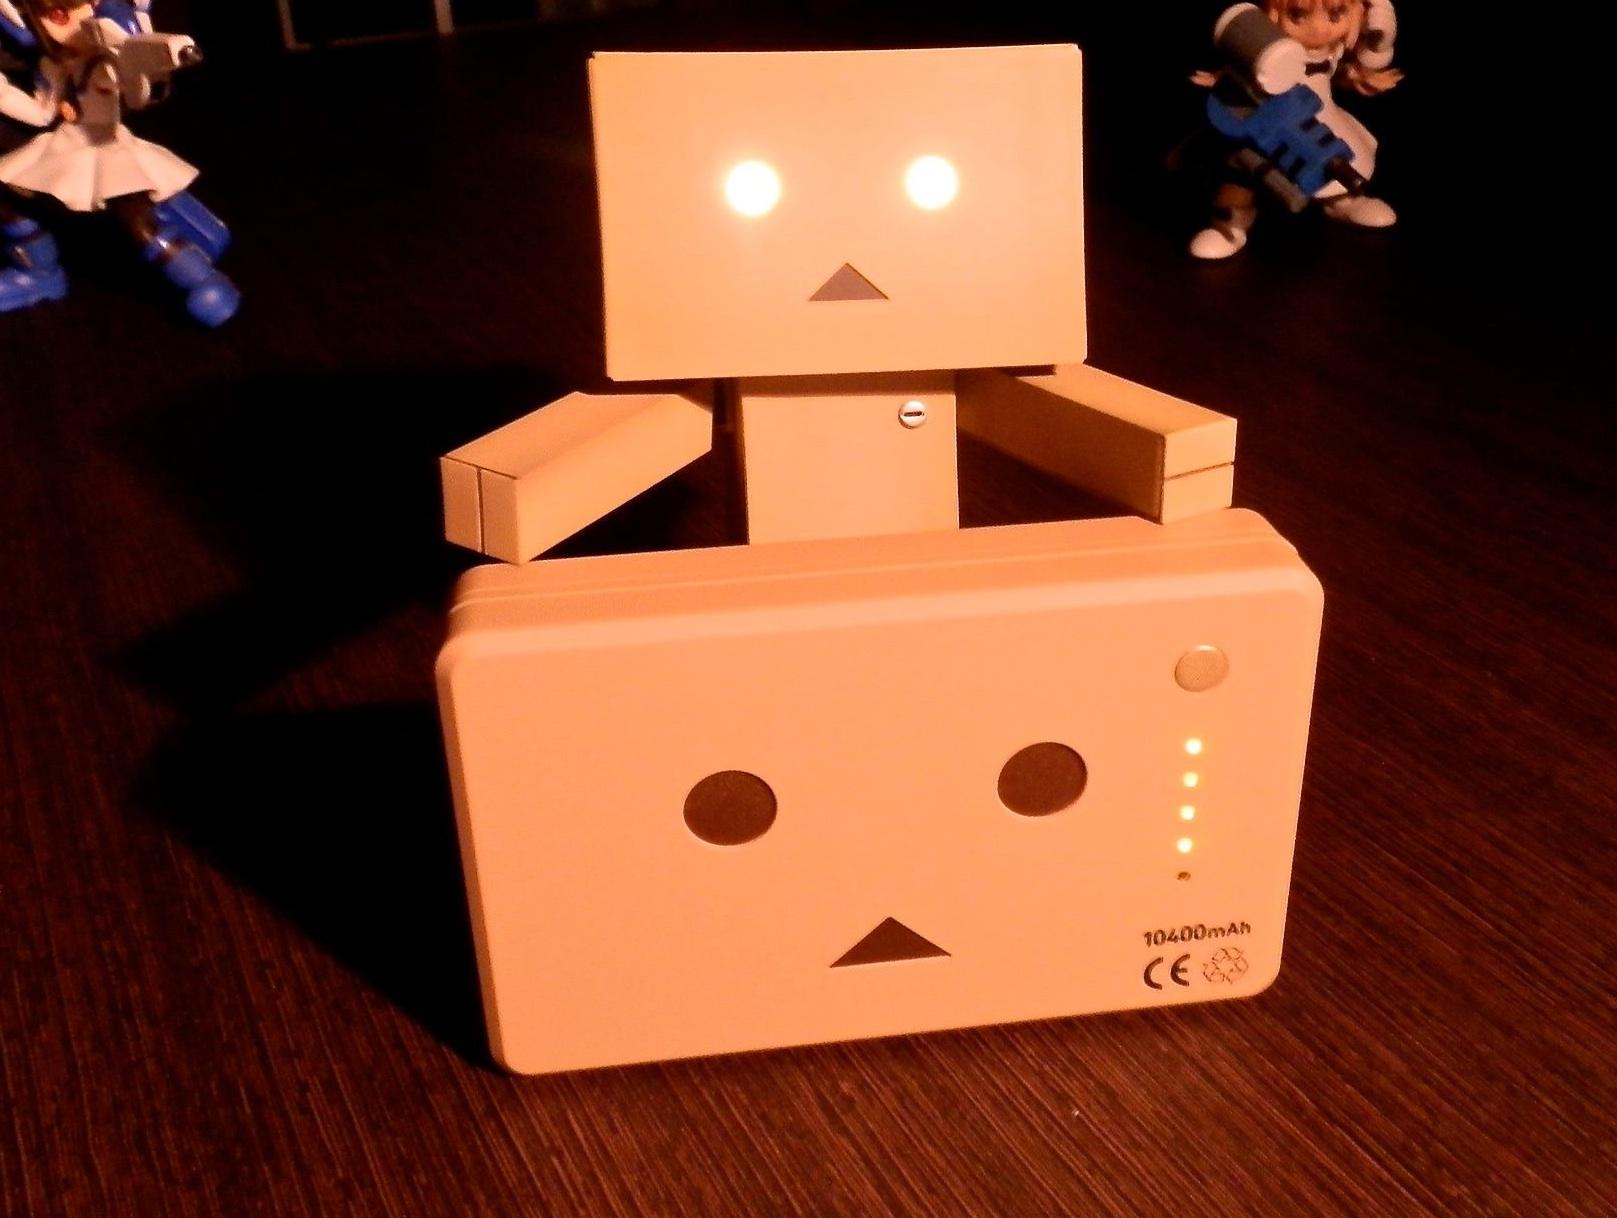 ついに我が家にも!可愛すぎるダンボーバッテリー「cheero Power Plus DANBOARD Version」がやってきた